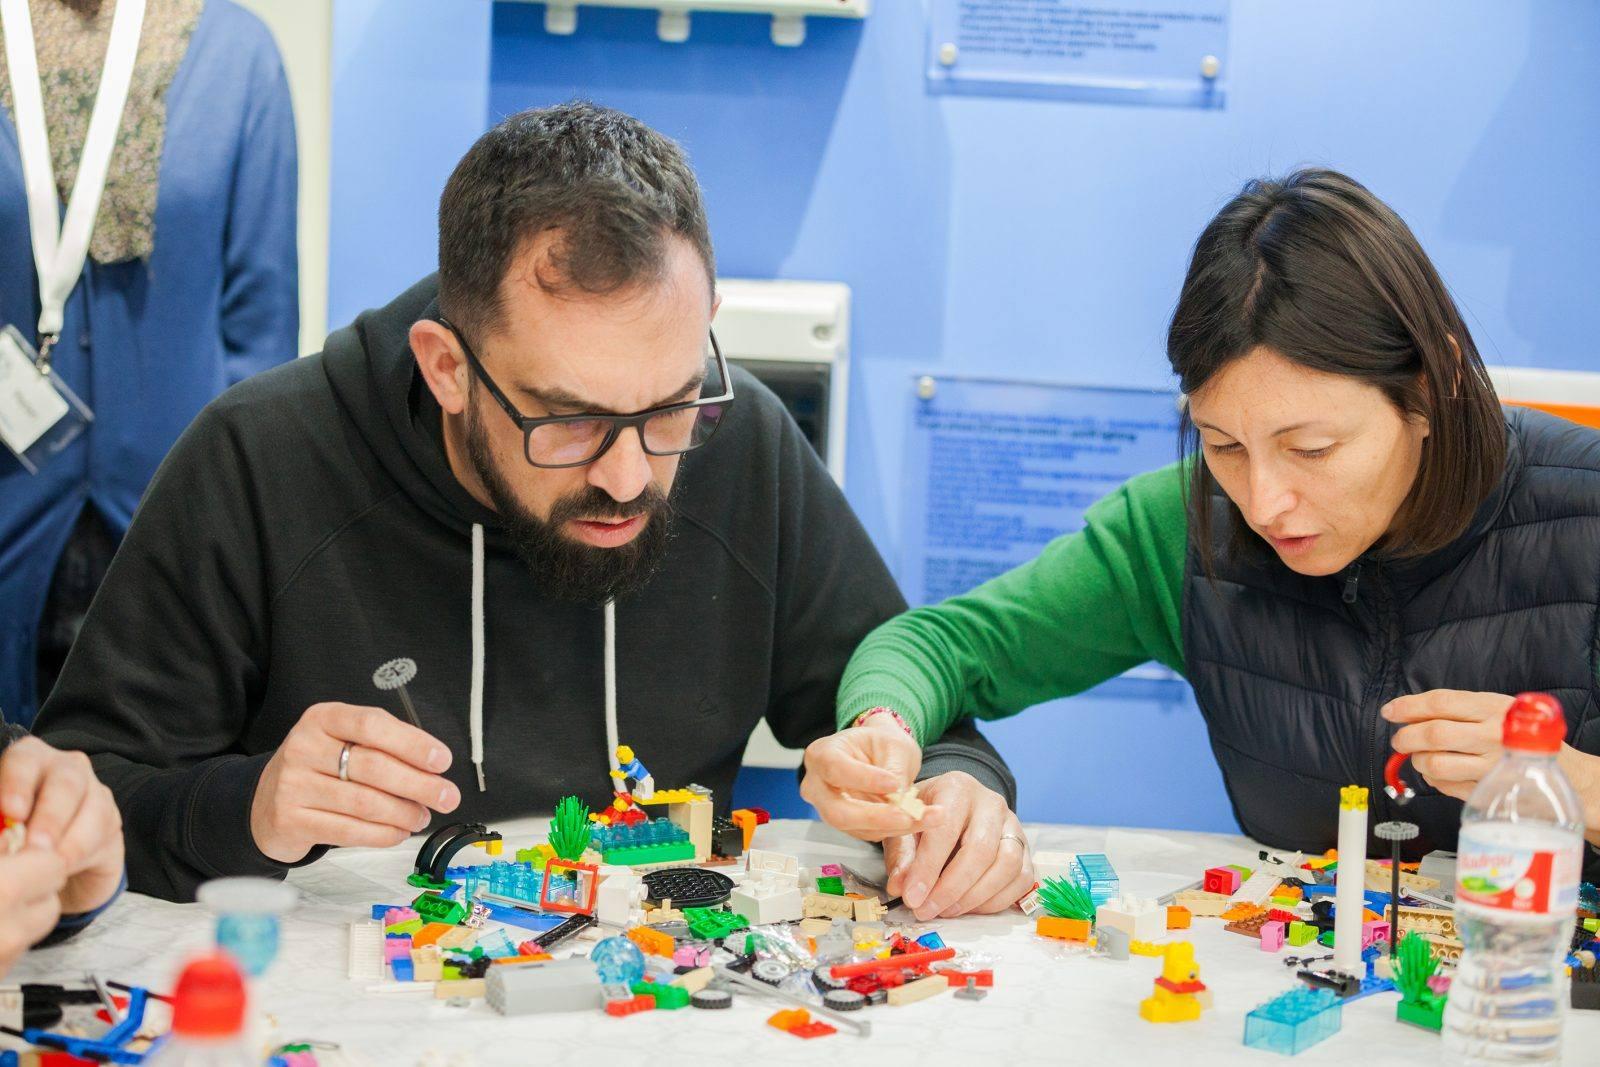 Aprendimos a escuchar y a hacer construcciones de Lego juntos